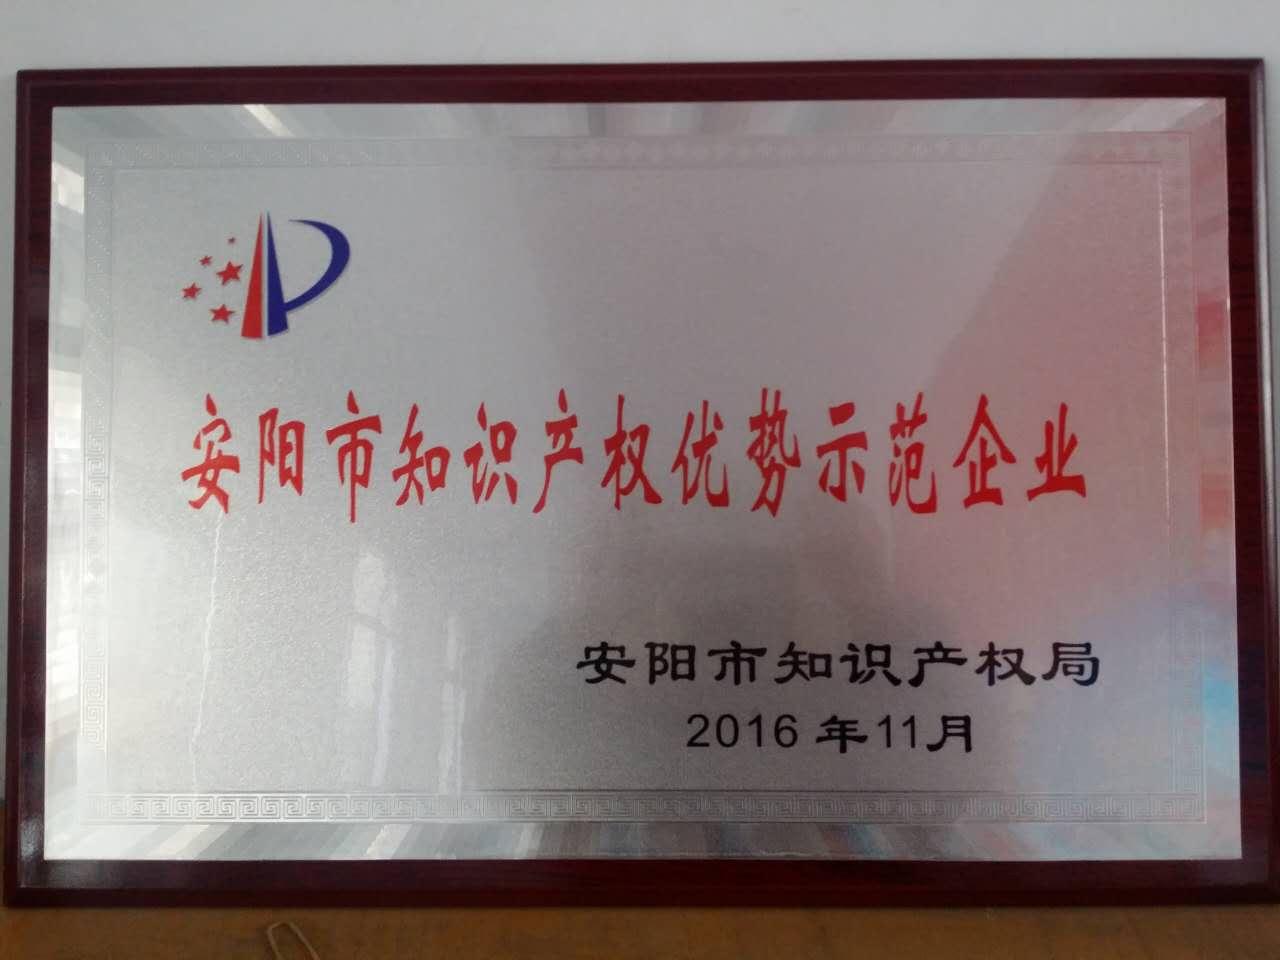 我龙8国际手机版被long8龙8国际知识产权局认定为知识产权优势示范企业.jpg